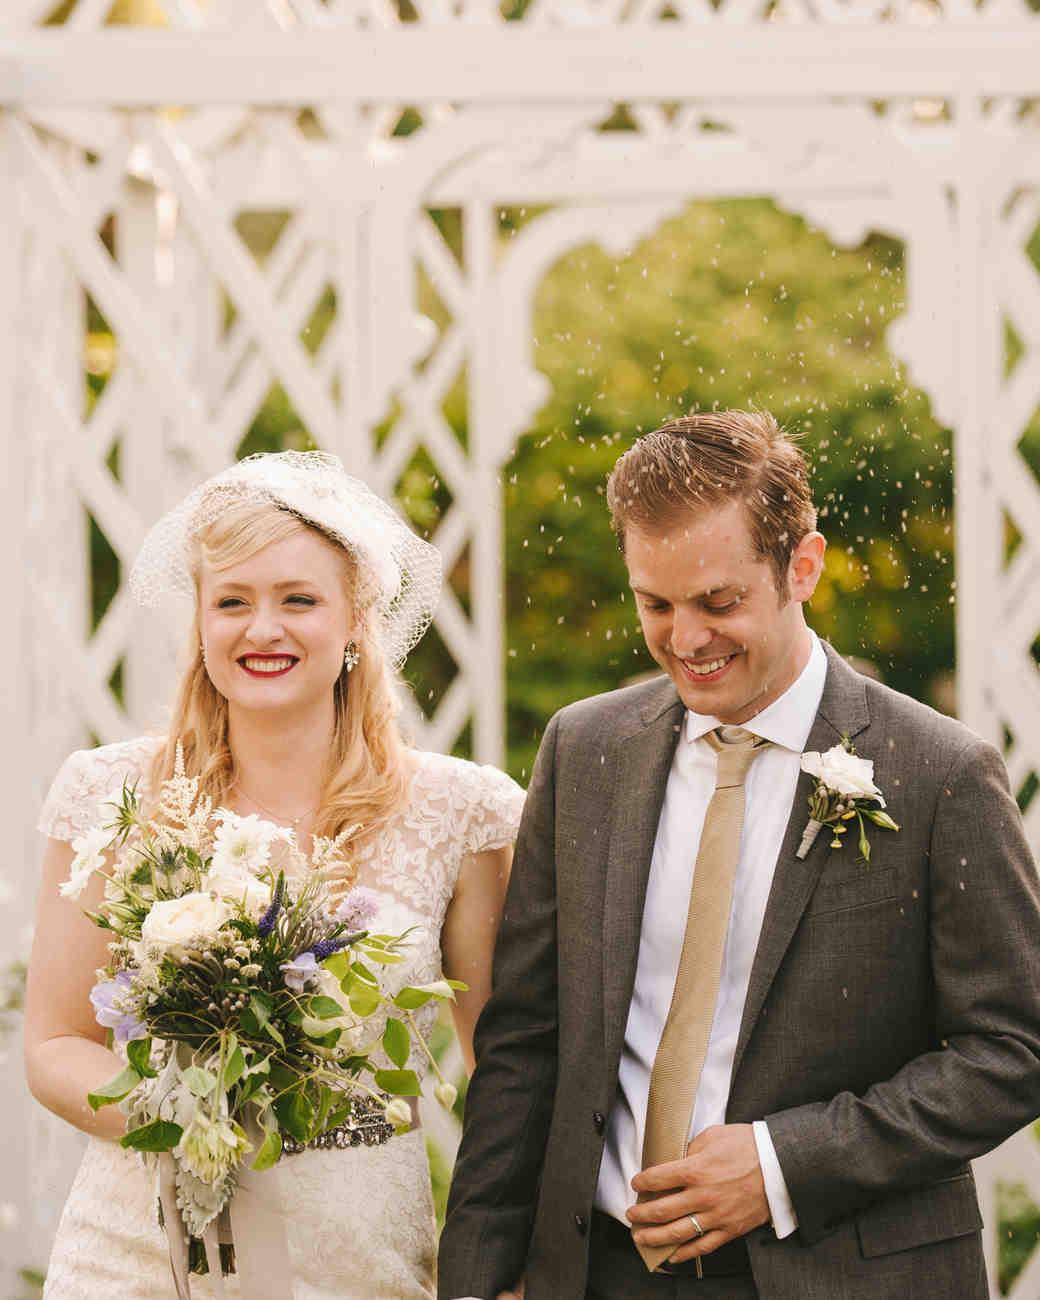 lauren-jack-wedding-ceremony3-0314.jpg